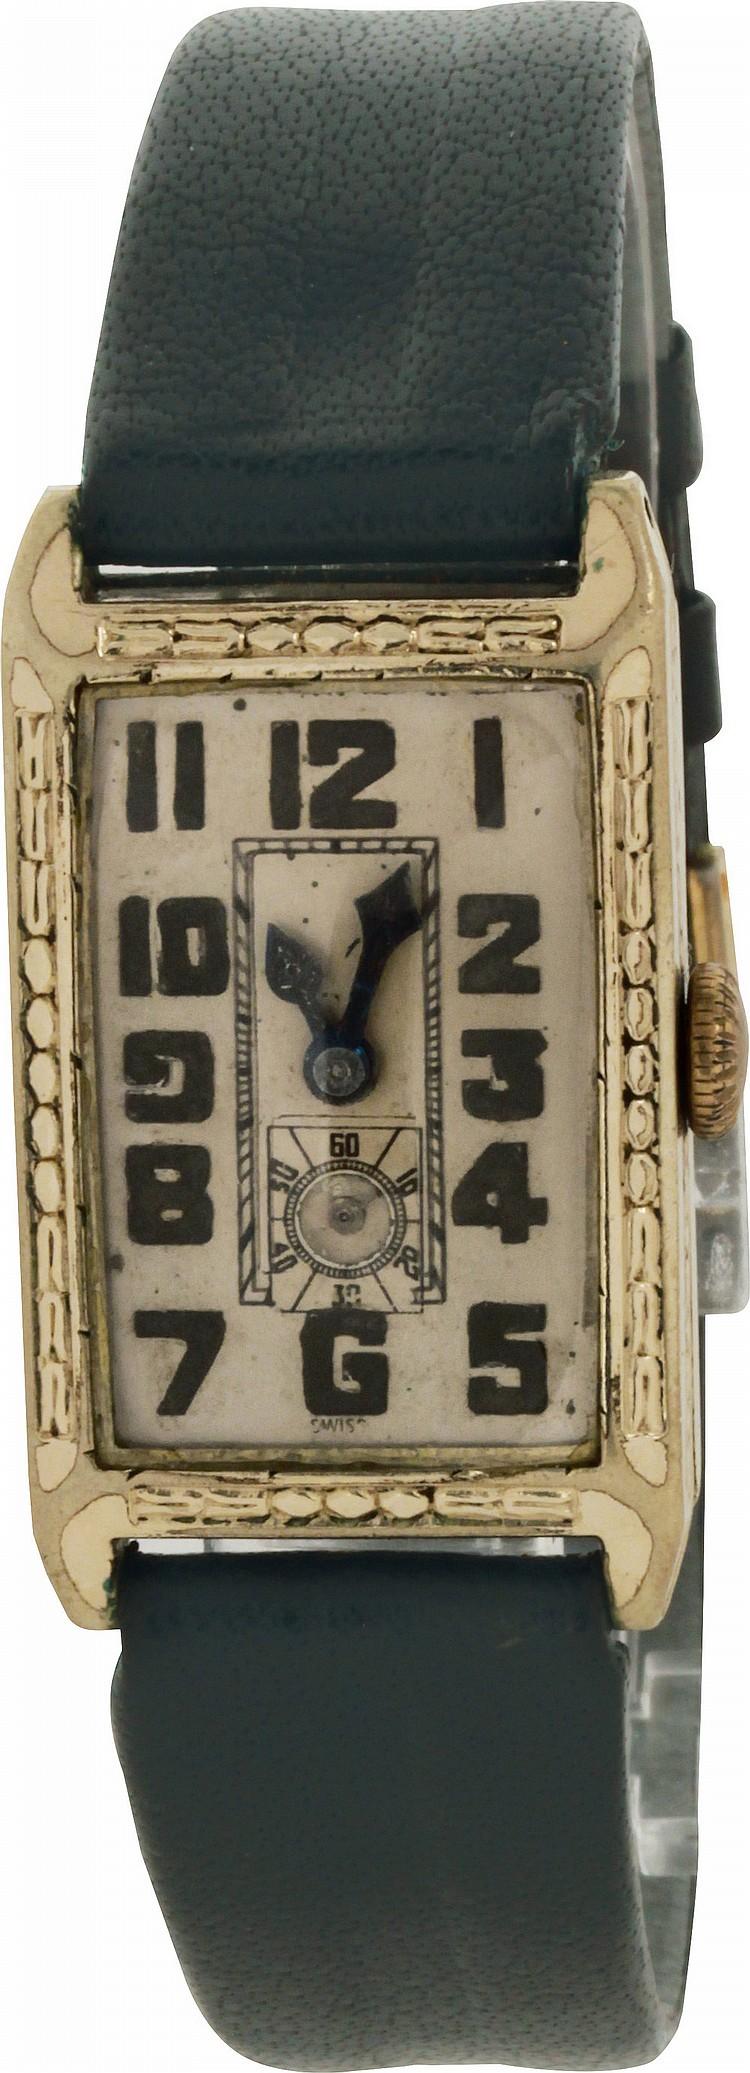 Anonimous watch, 1930-40 circa